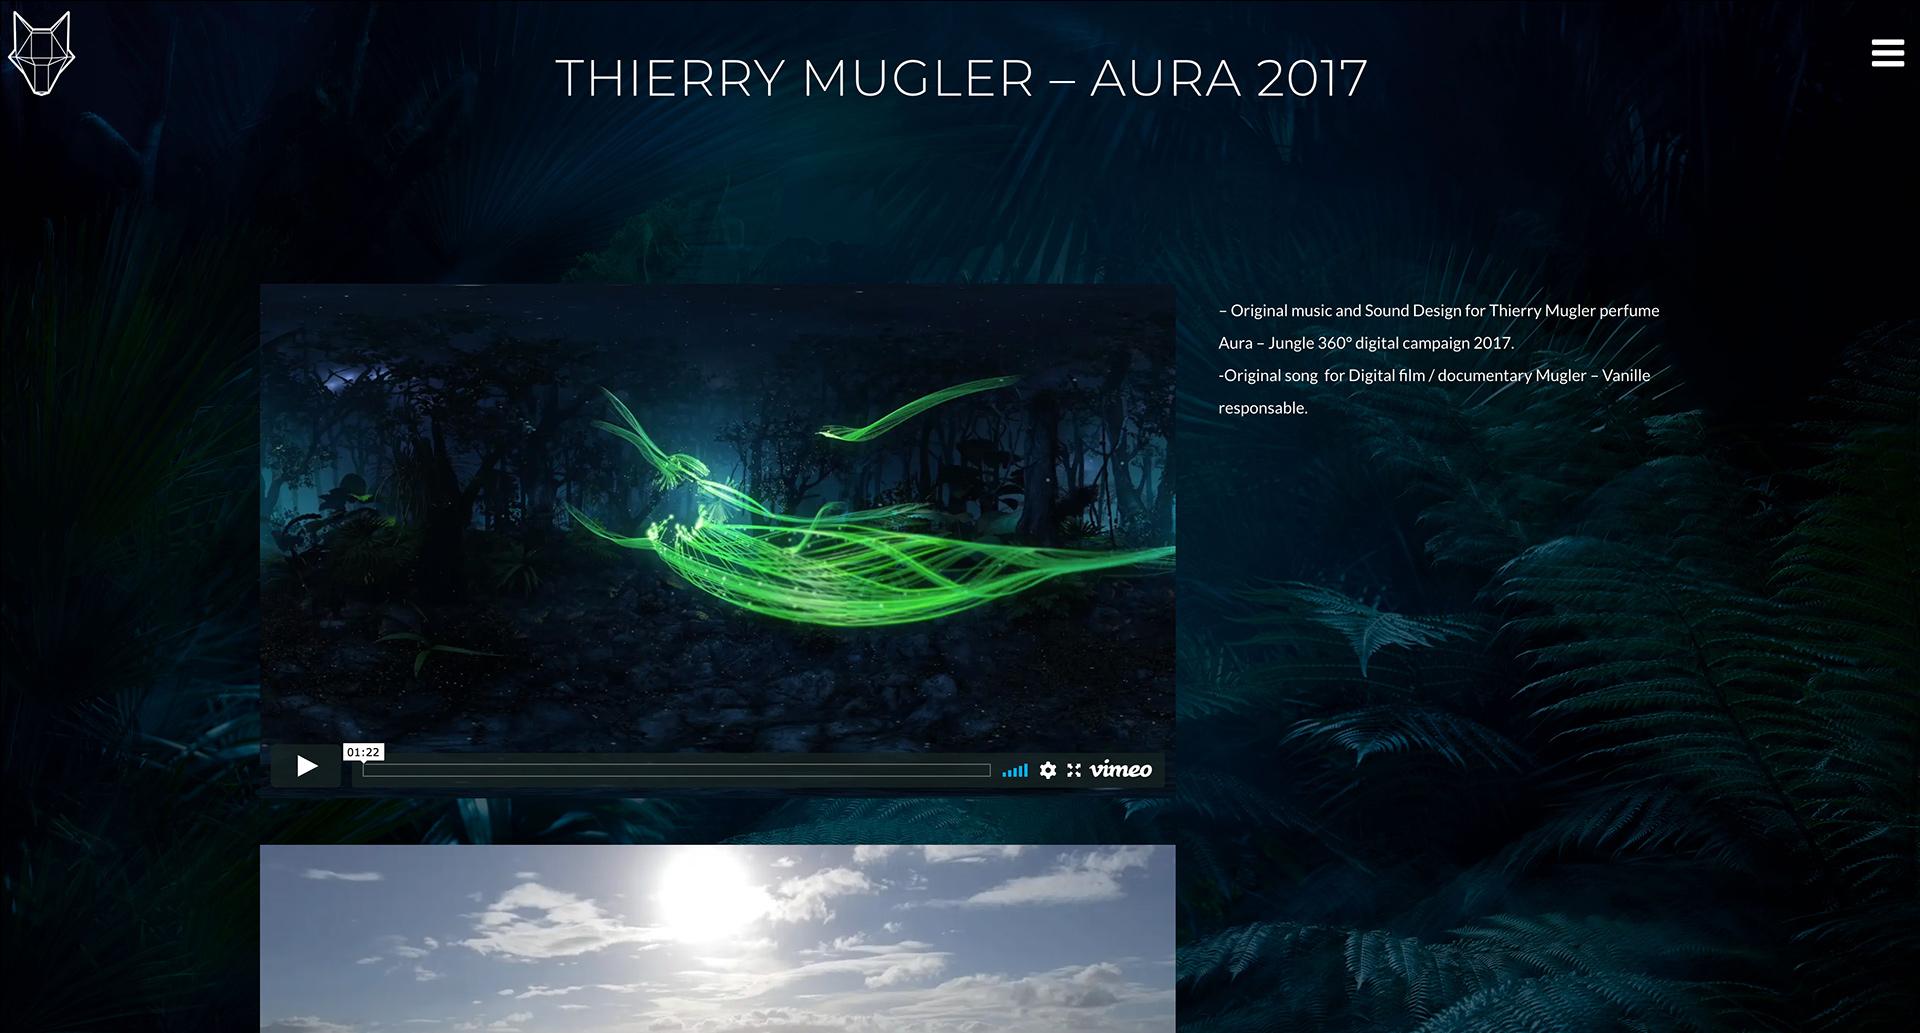 Webdesign et développpement pour un studio de composition musicale - sound design à Paris. Projet Aura - Thierry Mugler.